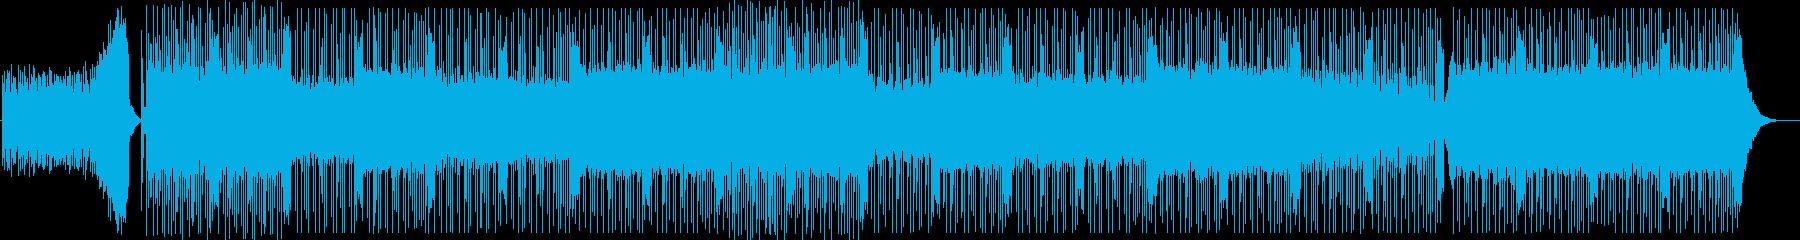 スチームパンク/ヒップホップ/重低音#1の再生済みの波形